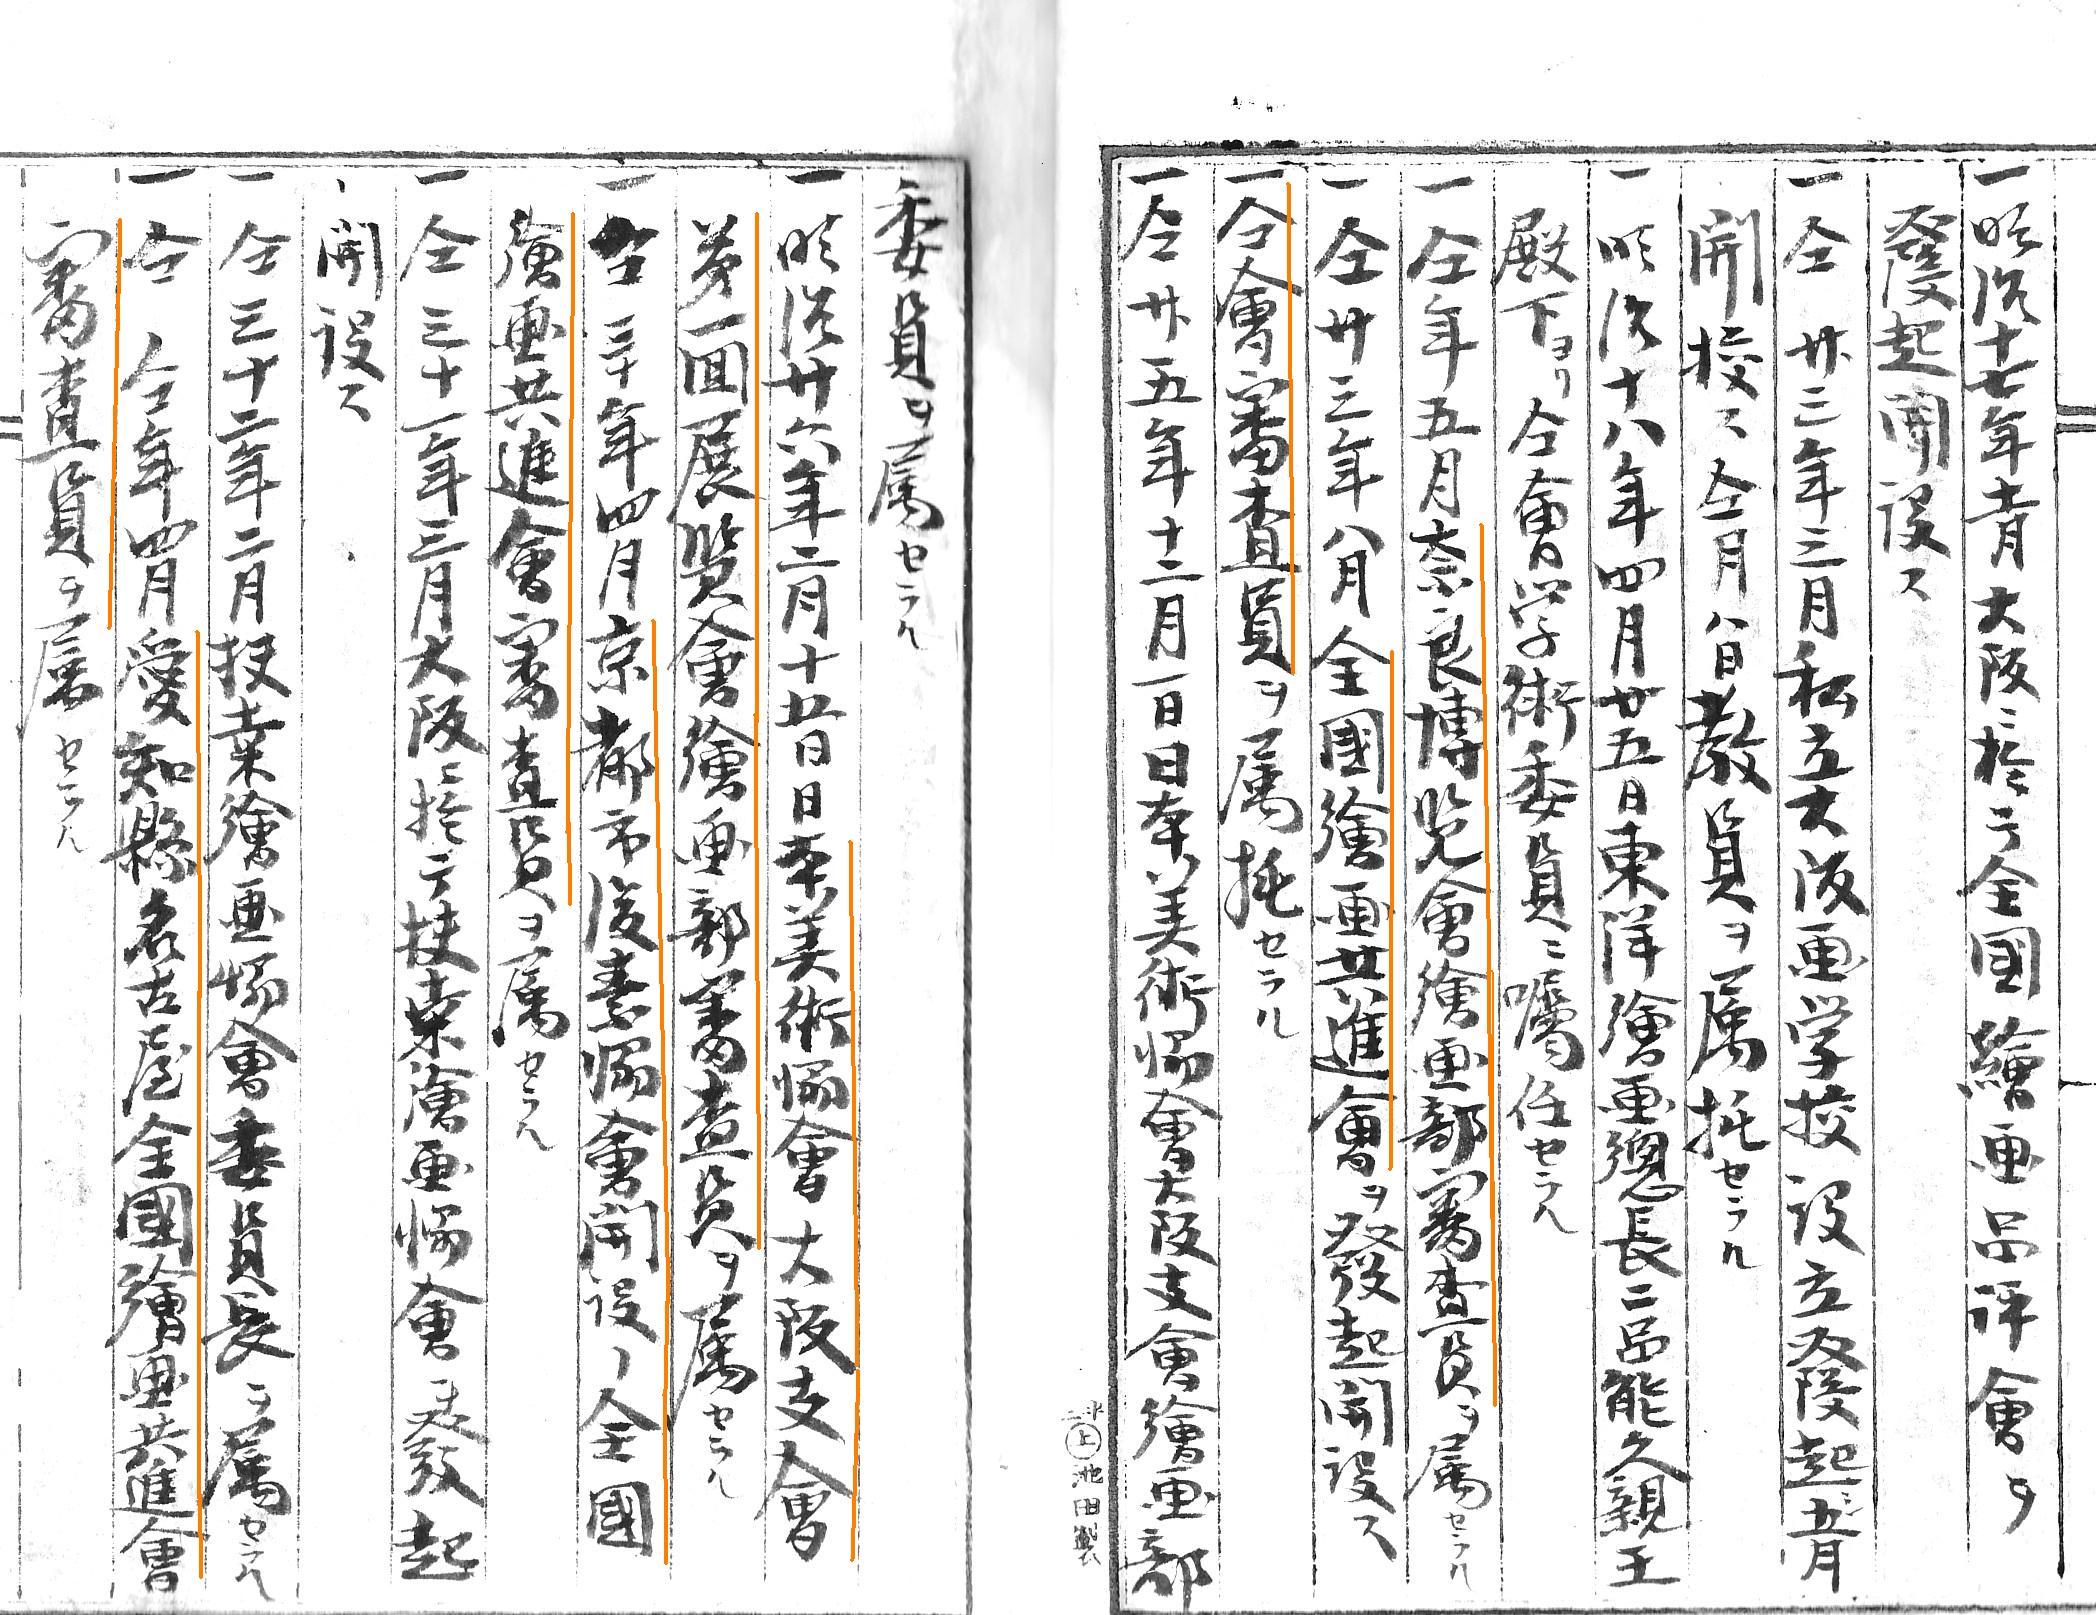 控帳 奈良博覧会(左頁) 画像